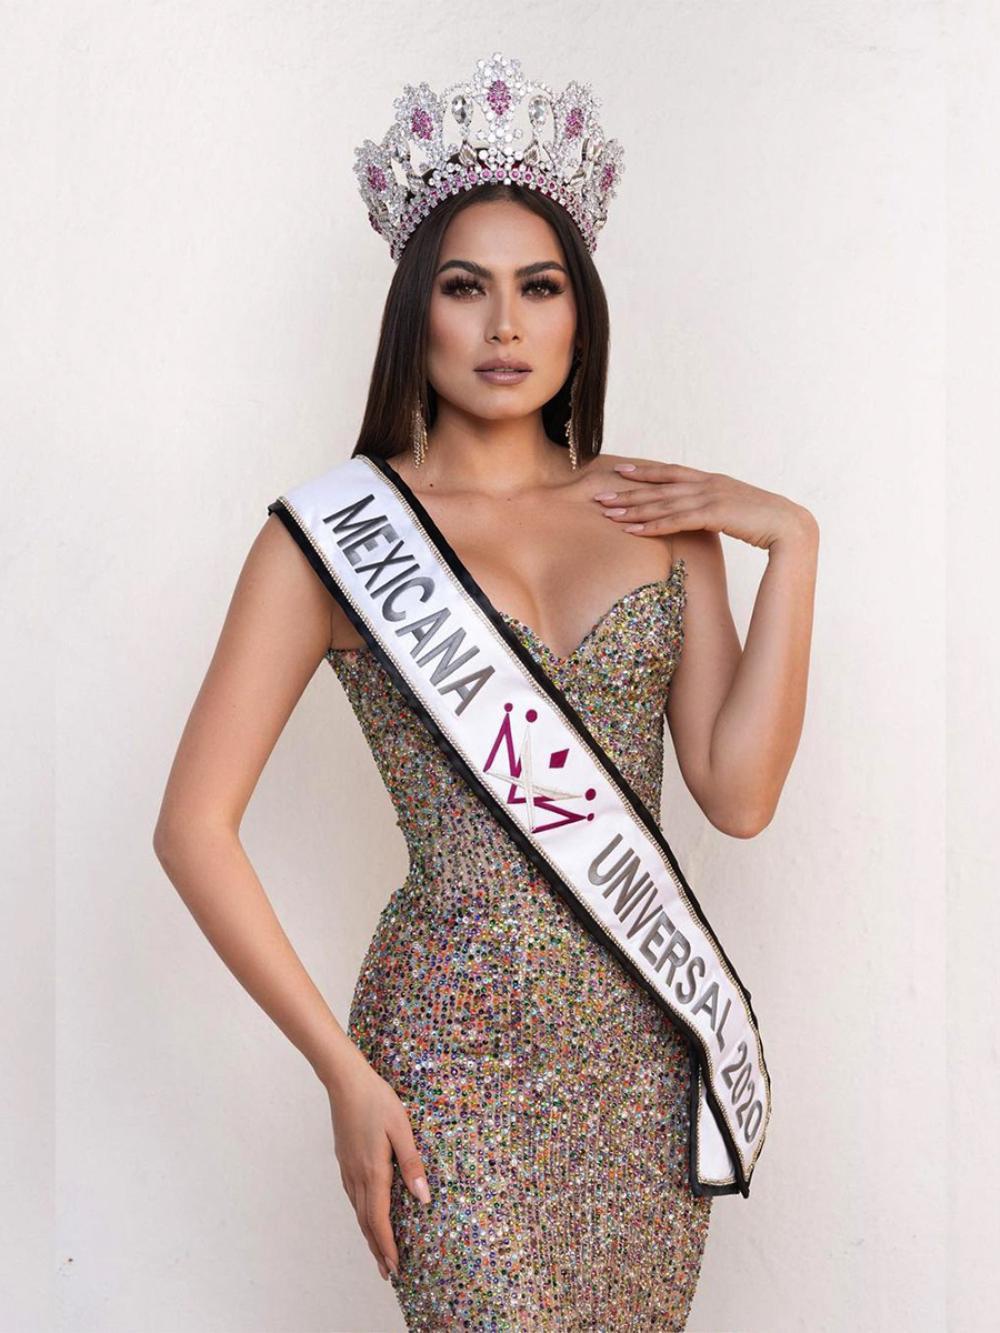 Missosology loại thẳng Khánh Vân ra khỏi Top 20, đưa Philippines Top 5 Miss Universe: Fan phản ứng dữ dội Ảnh 3